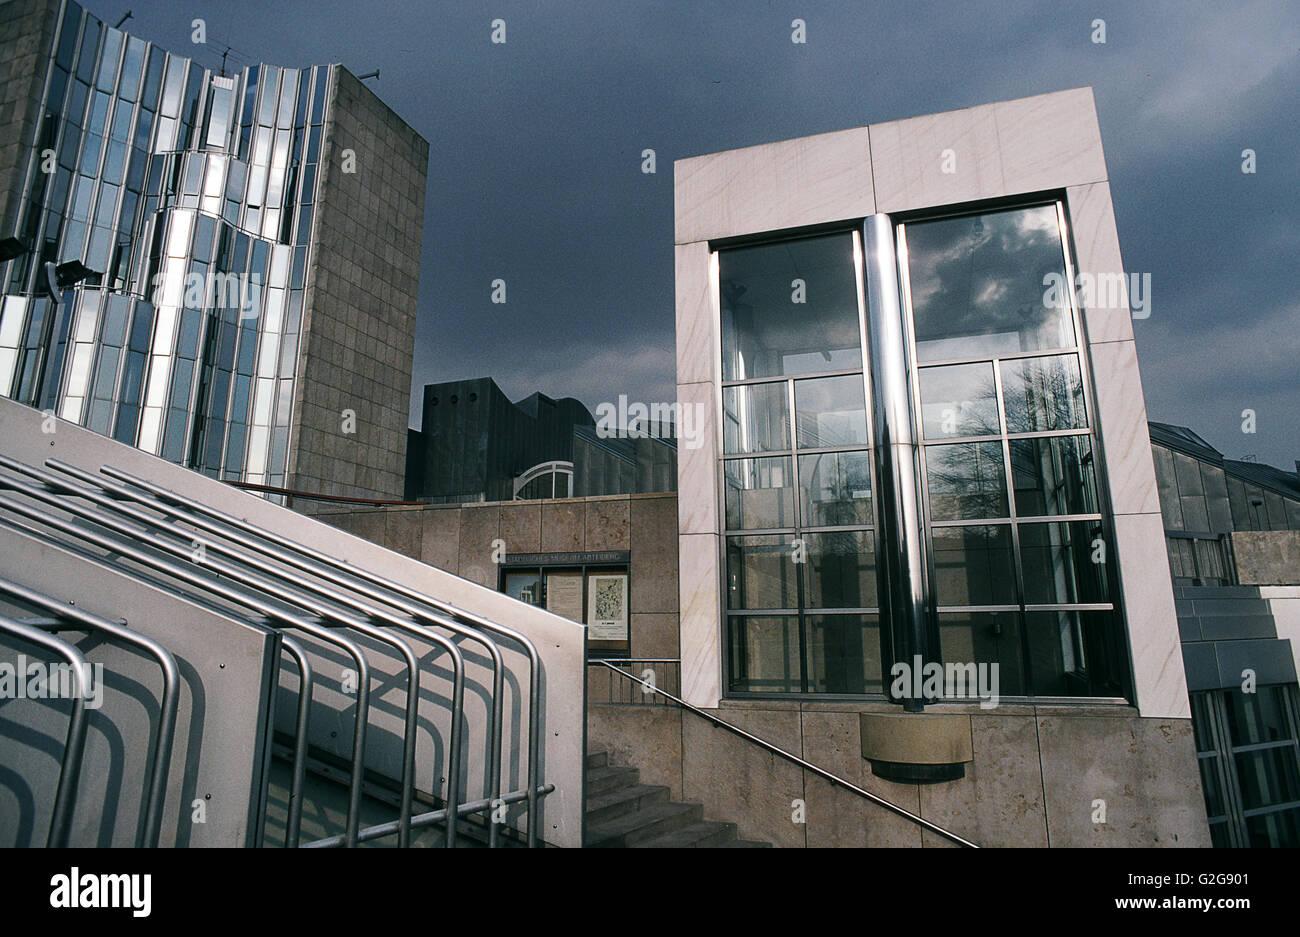 Deutschland - Mönchengladbach. Museum Abteiberg wissen für seine experimentellen und Avantgard-Ausstellung Stockbild